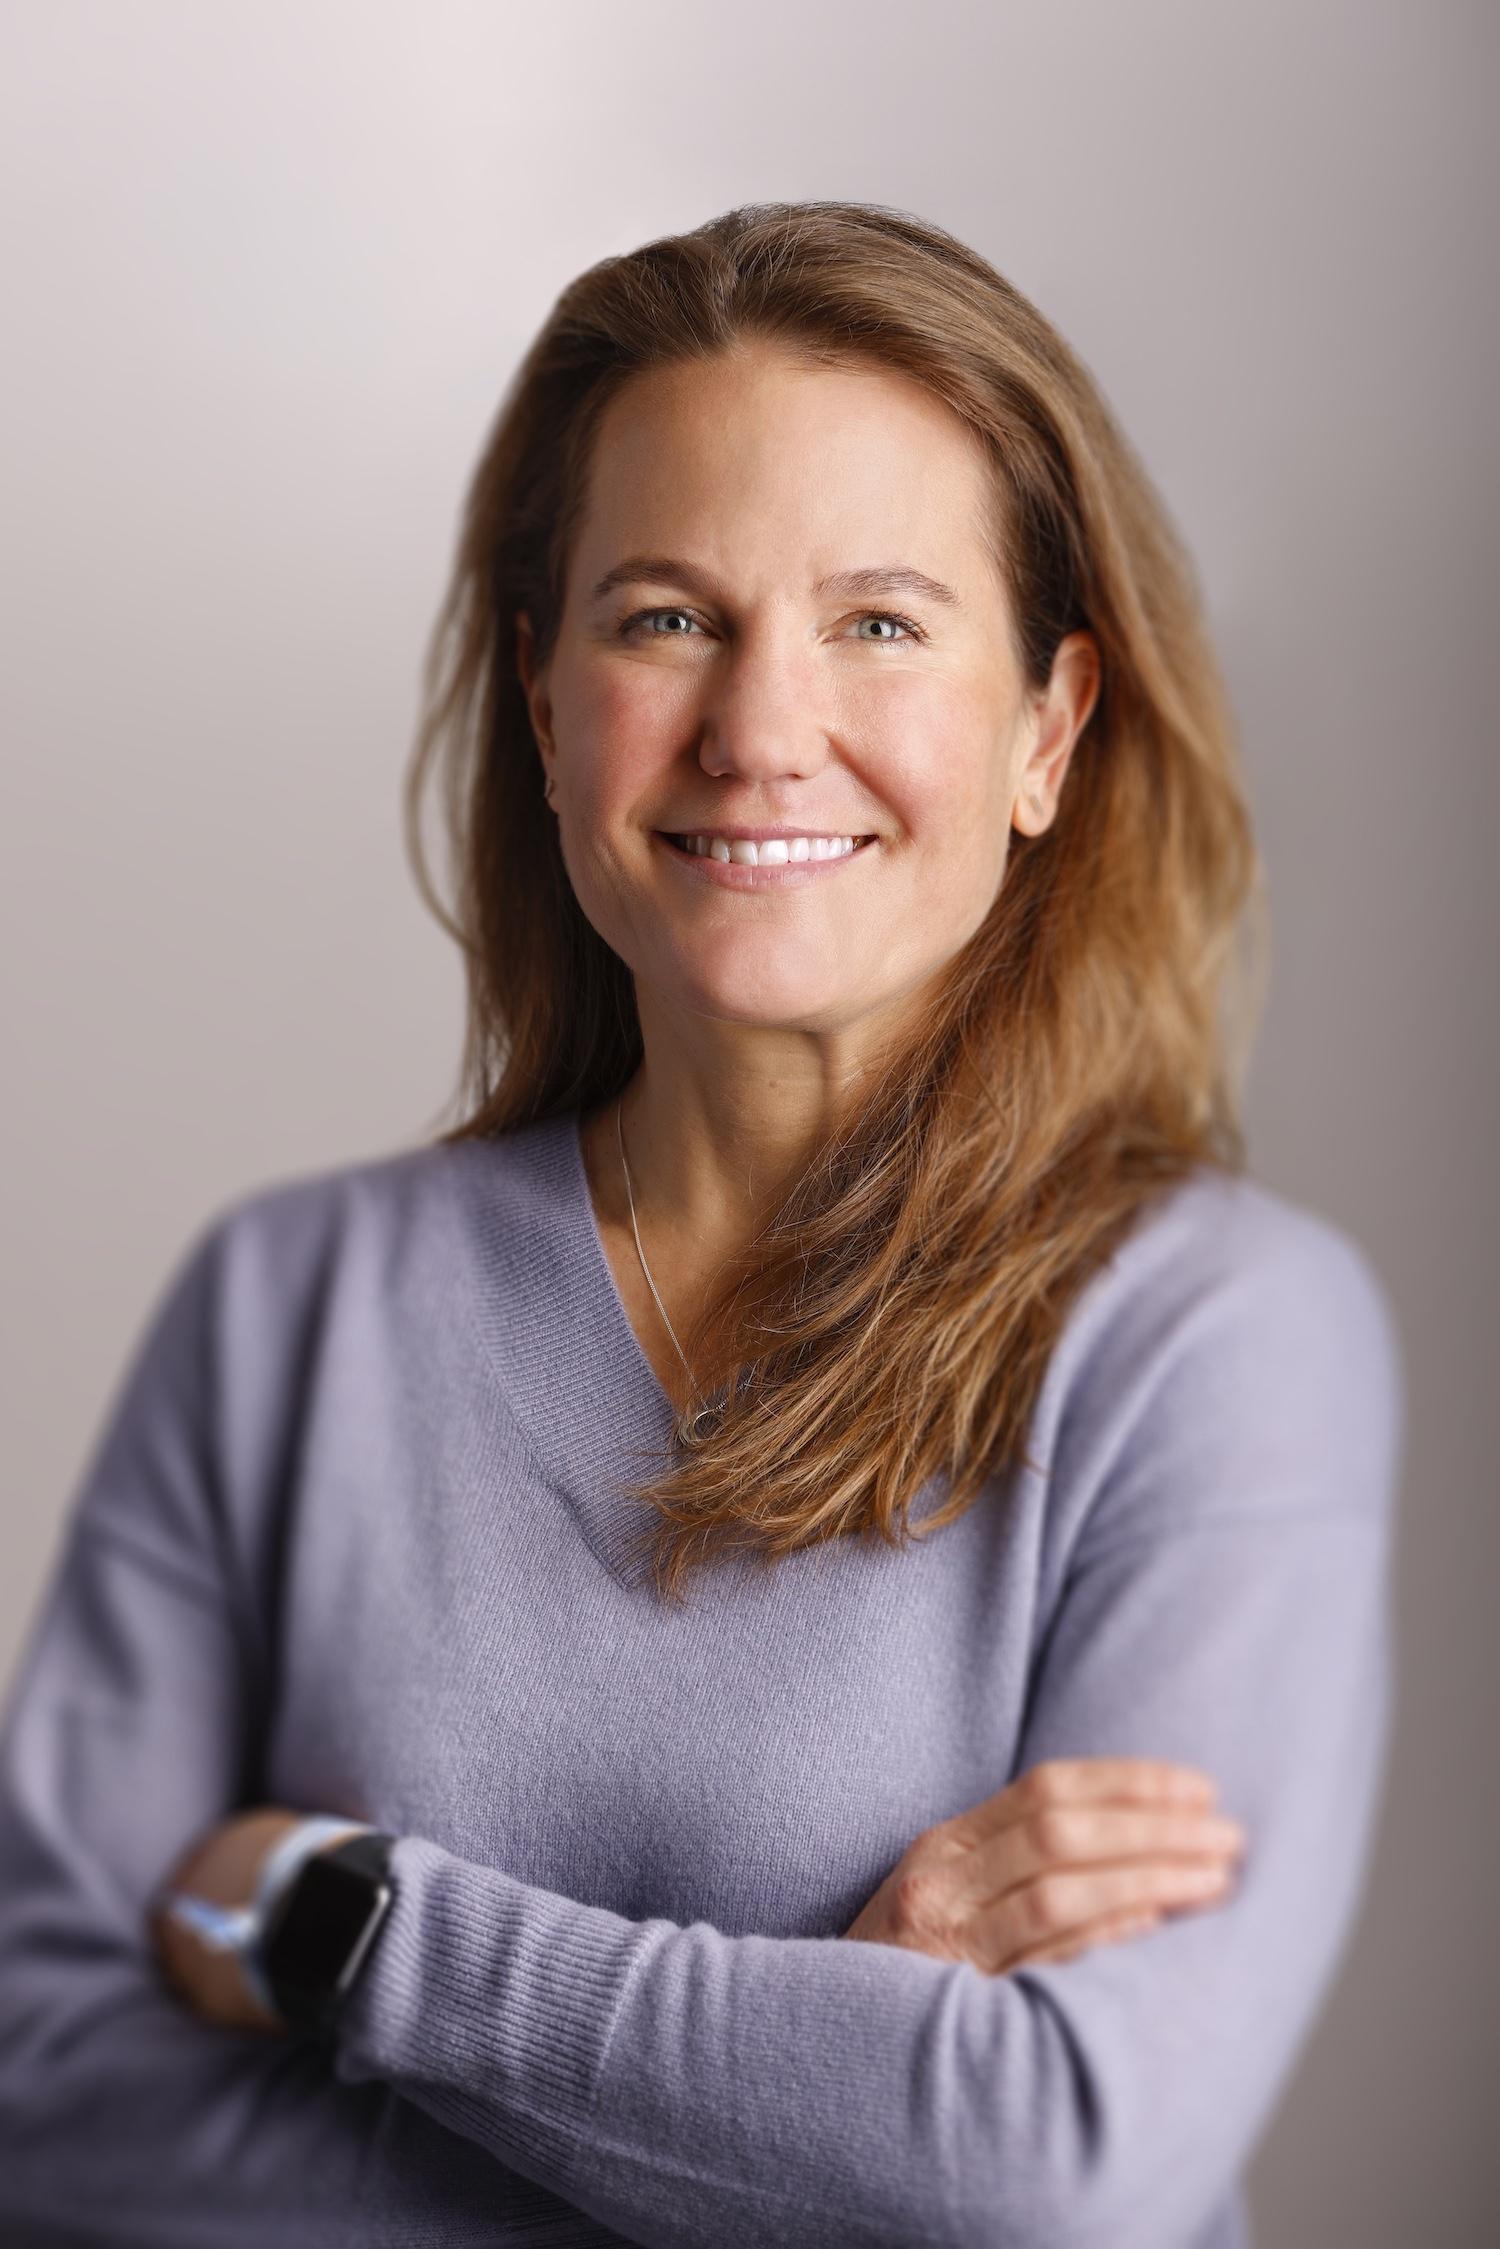 Jessica Lindl